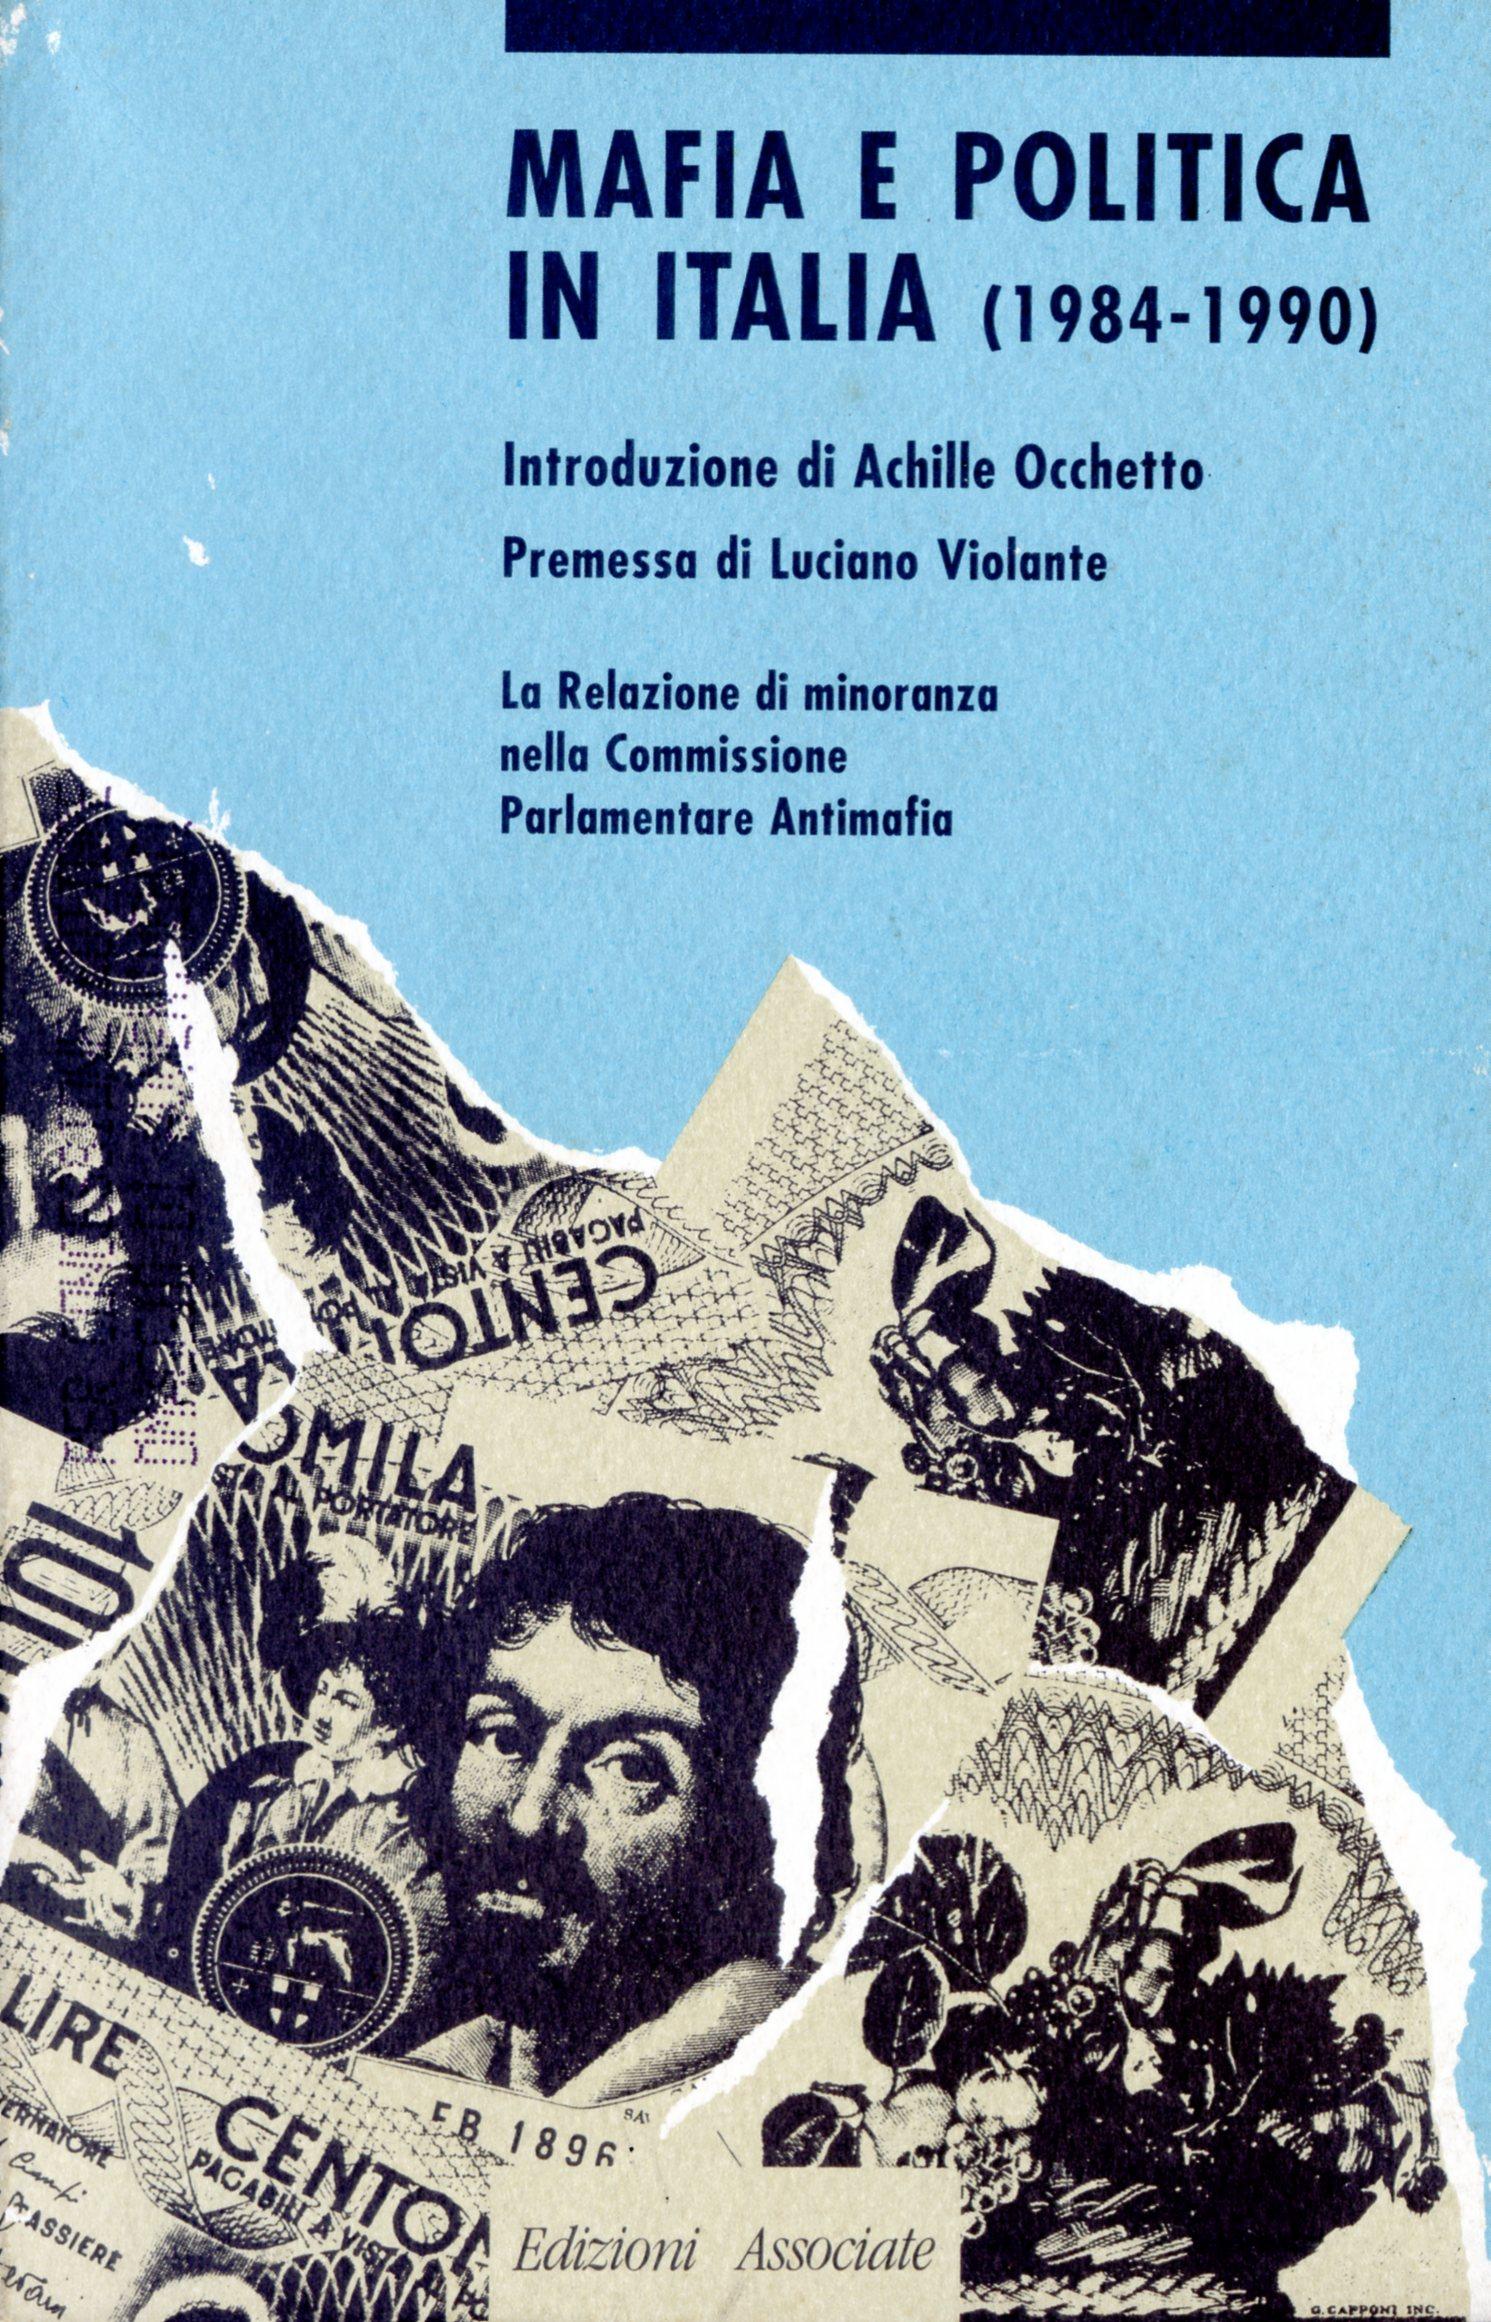 Mafia e politica in Italia (1984-1990)